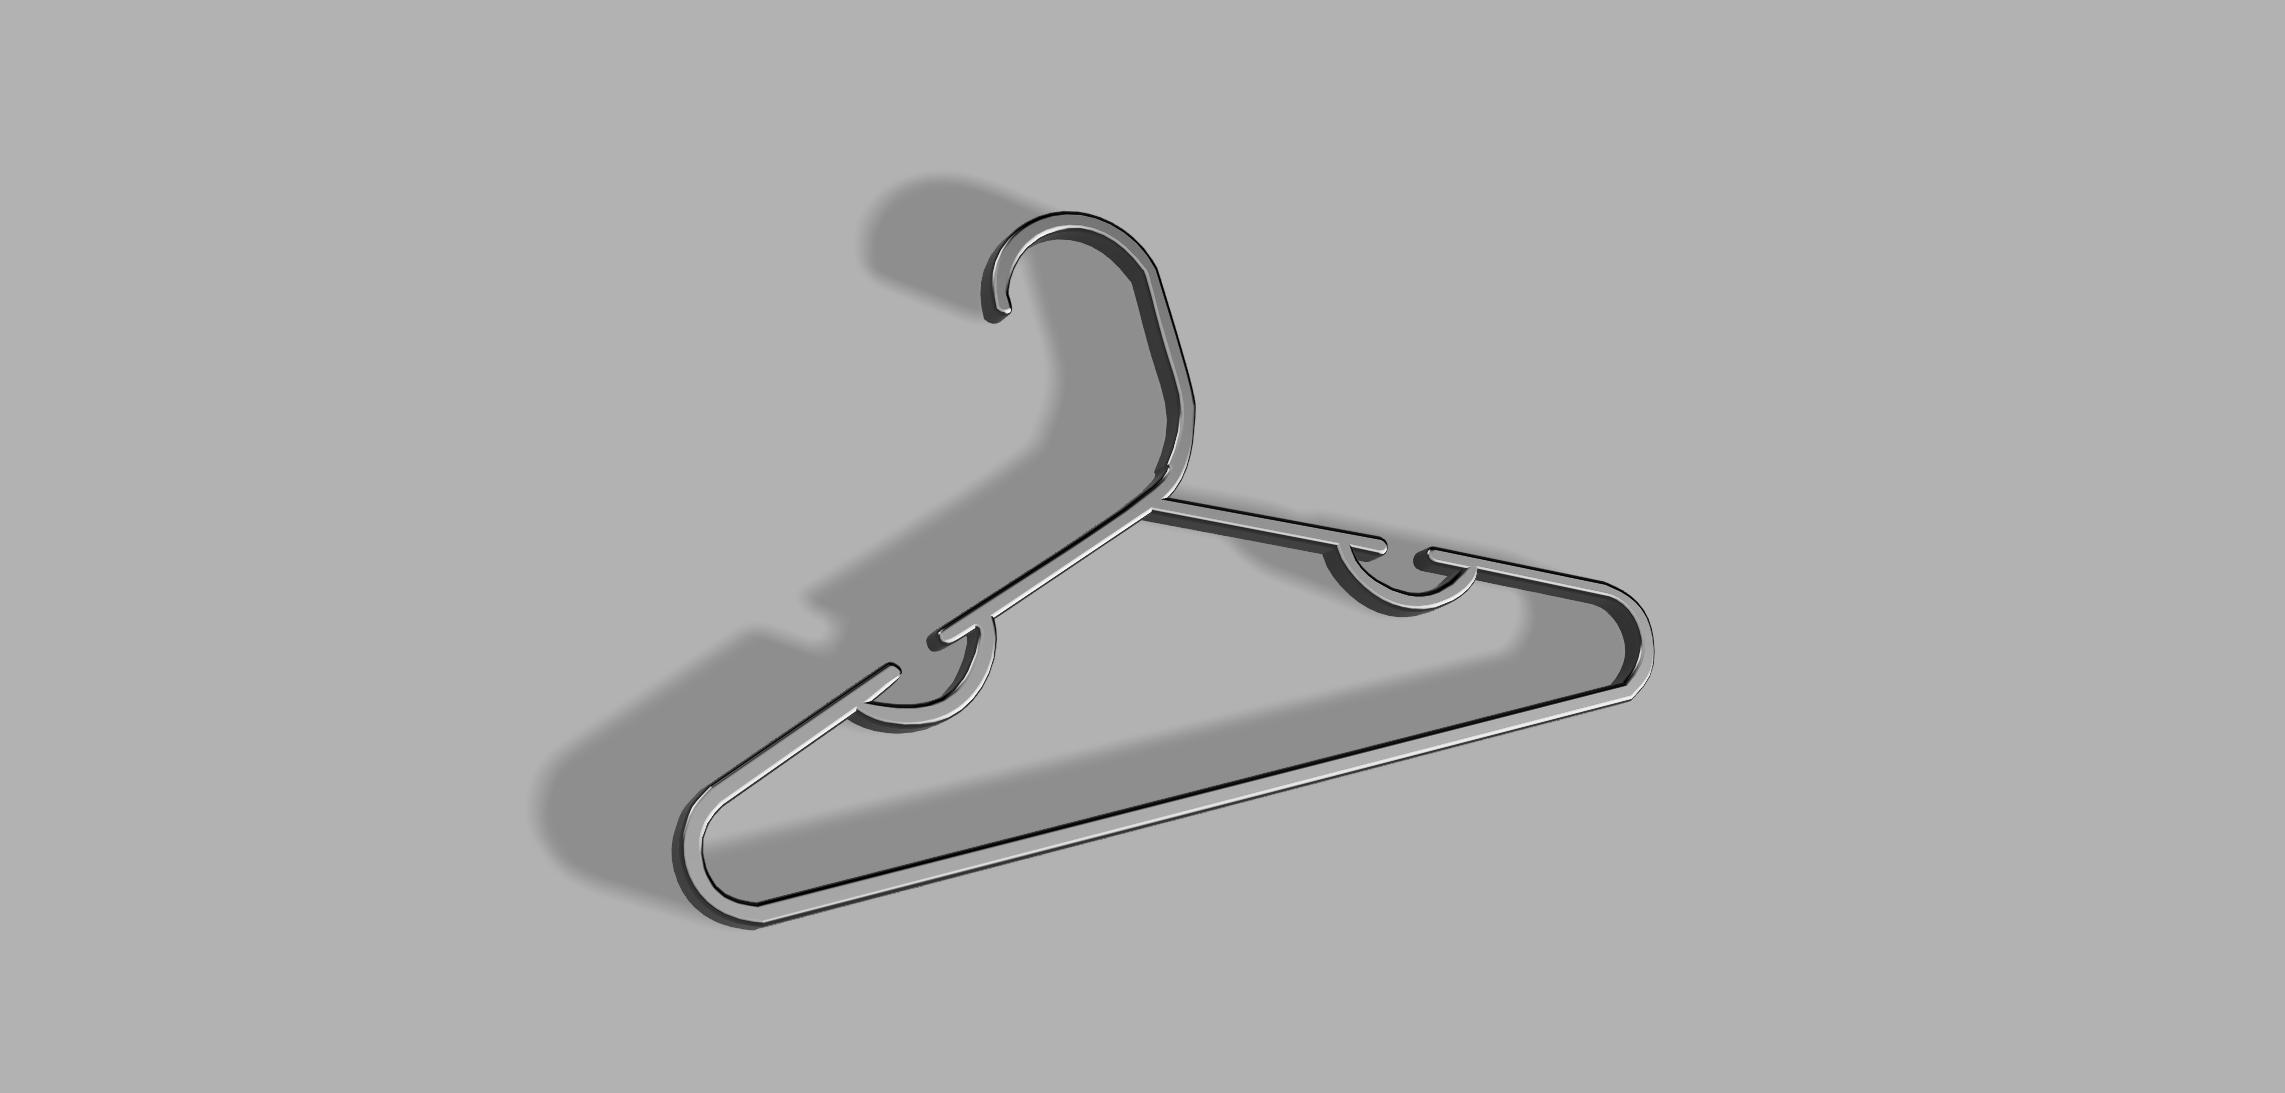 pic 2.png Descargar archivo STL Hanger • Diseño para la impresora 3D, iansjung